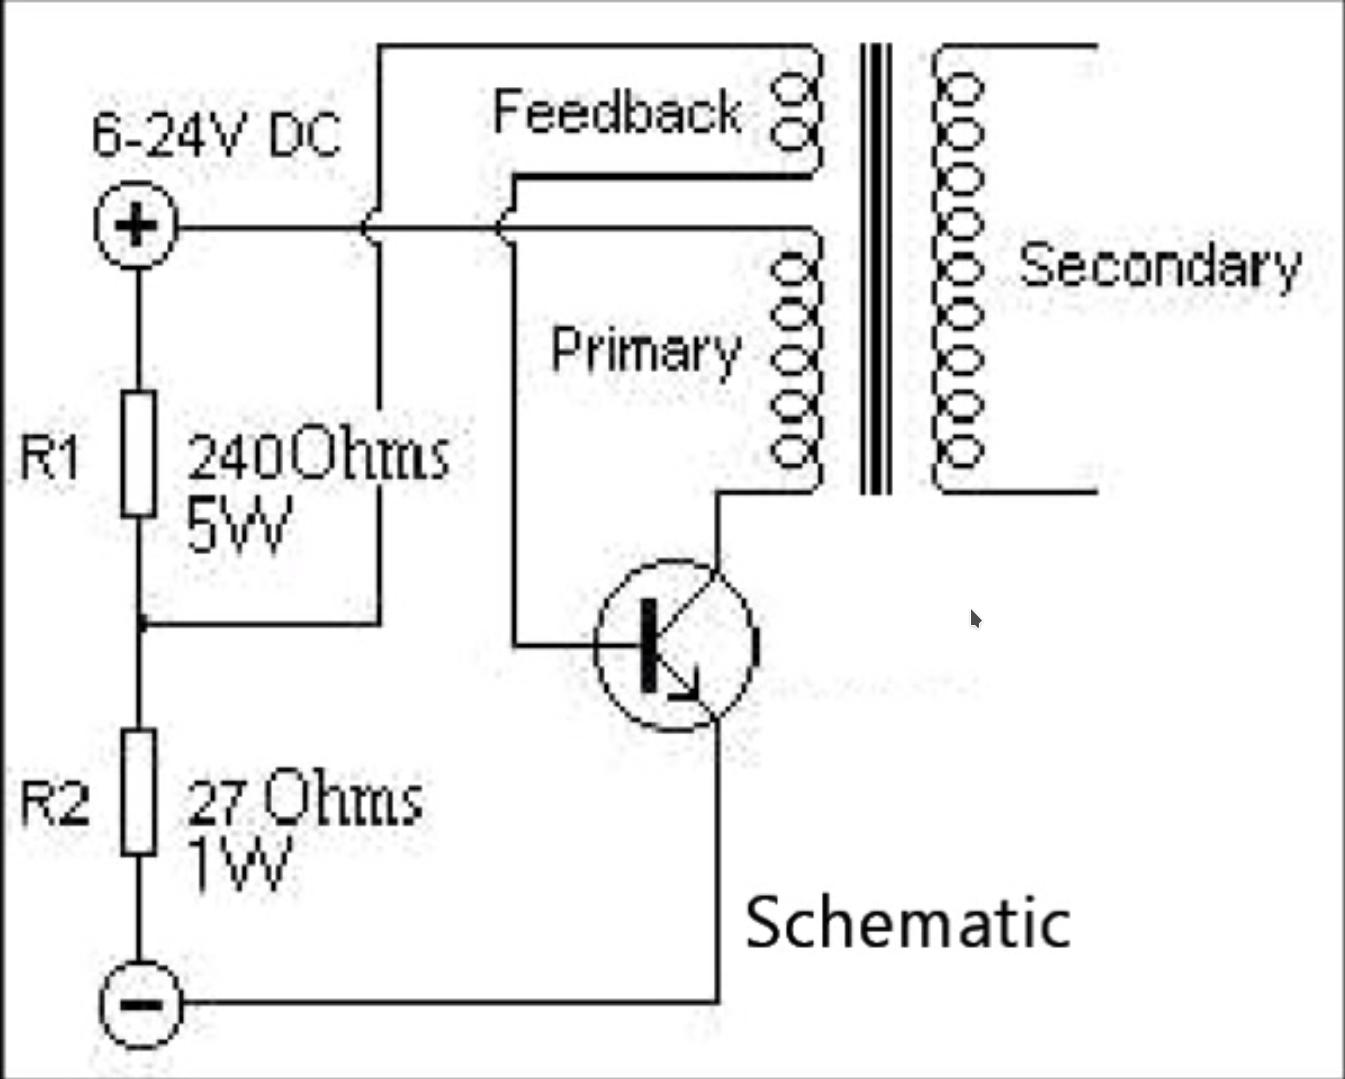 flyback transformer schematics